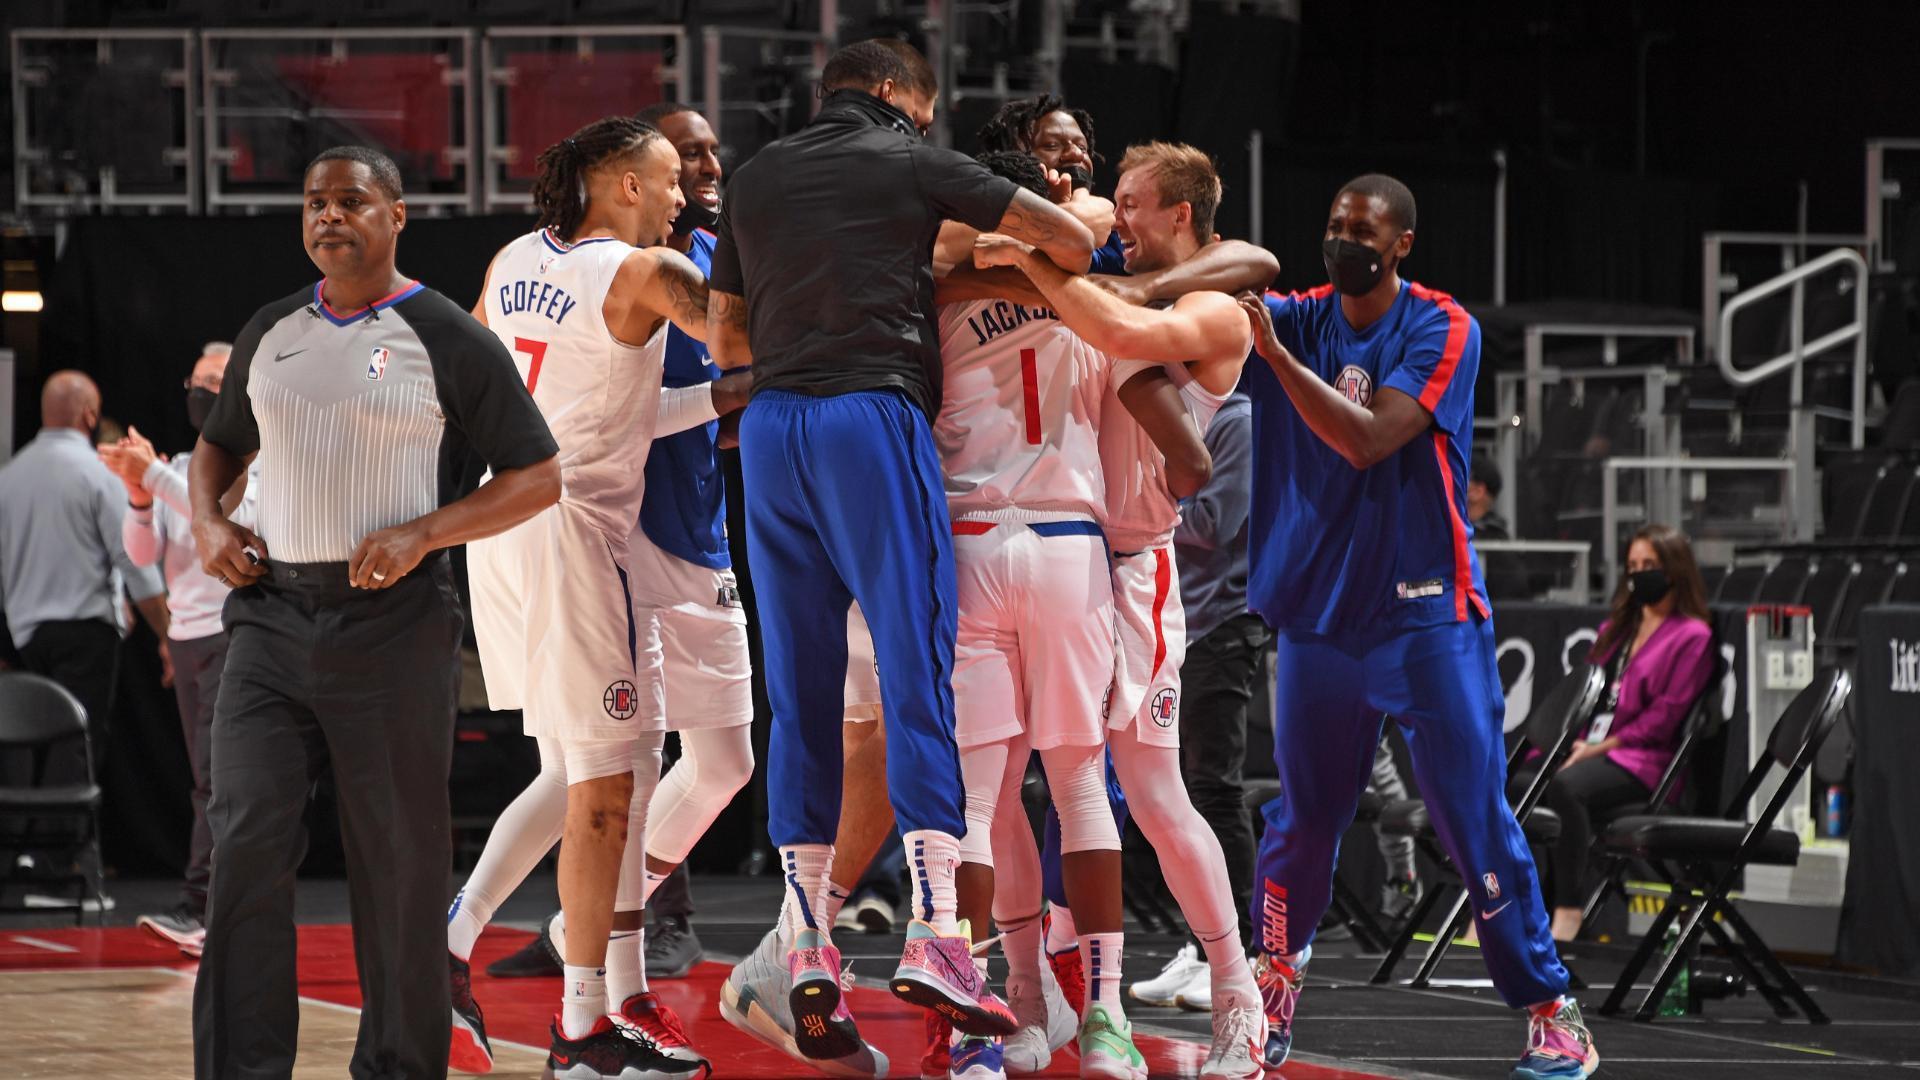 Jackson sinks game-winning shot in return to Detroit